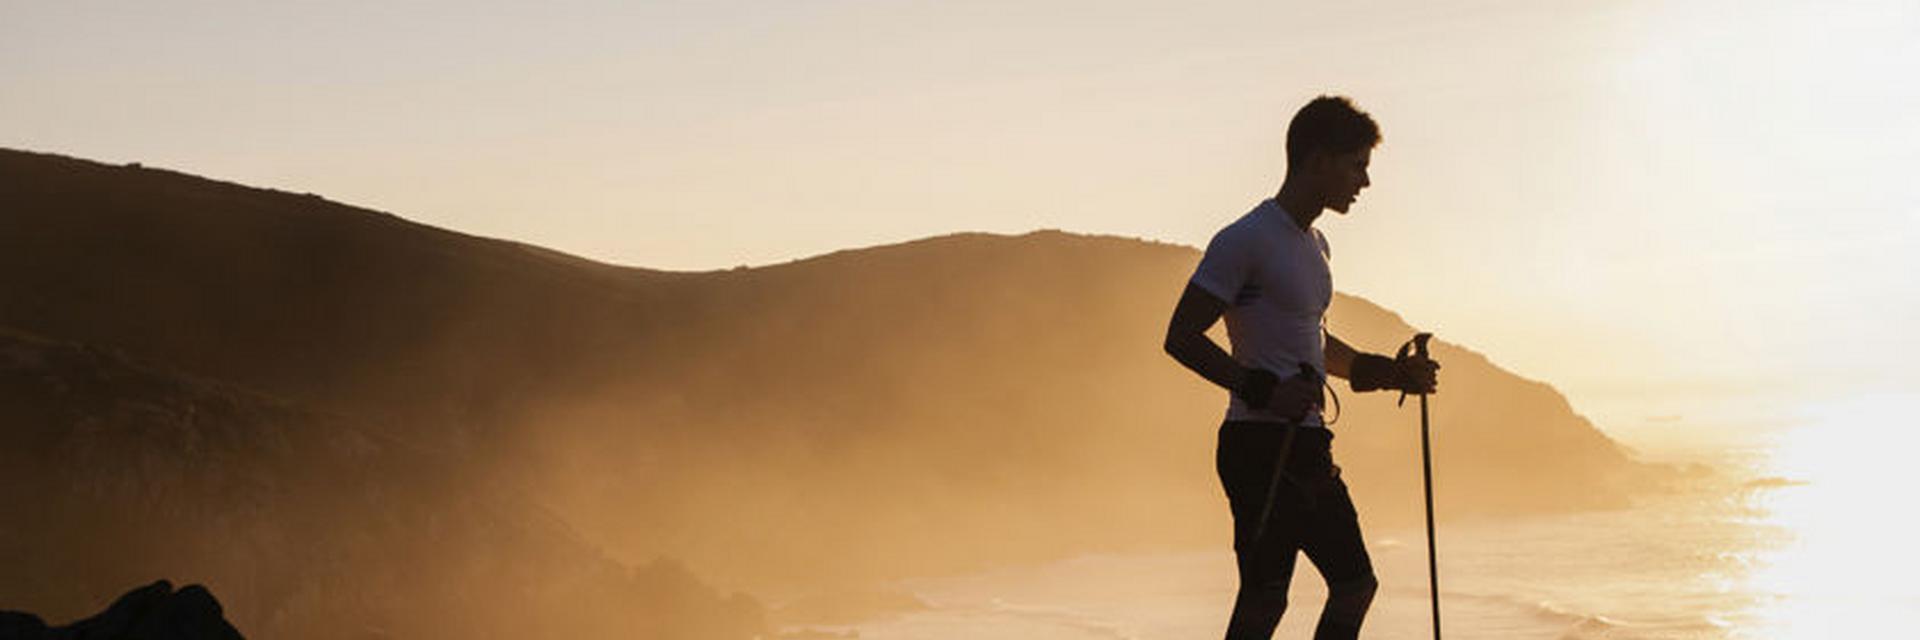 Ein Trailrunner steht mit Trailrunning Stöcken in der Hand während eines Sonnenuntergangs auf einer Anhöhe.